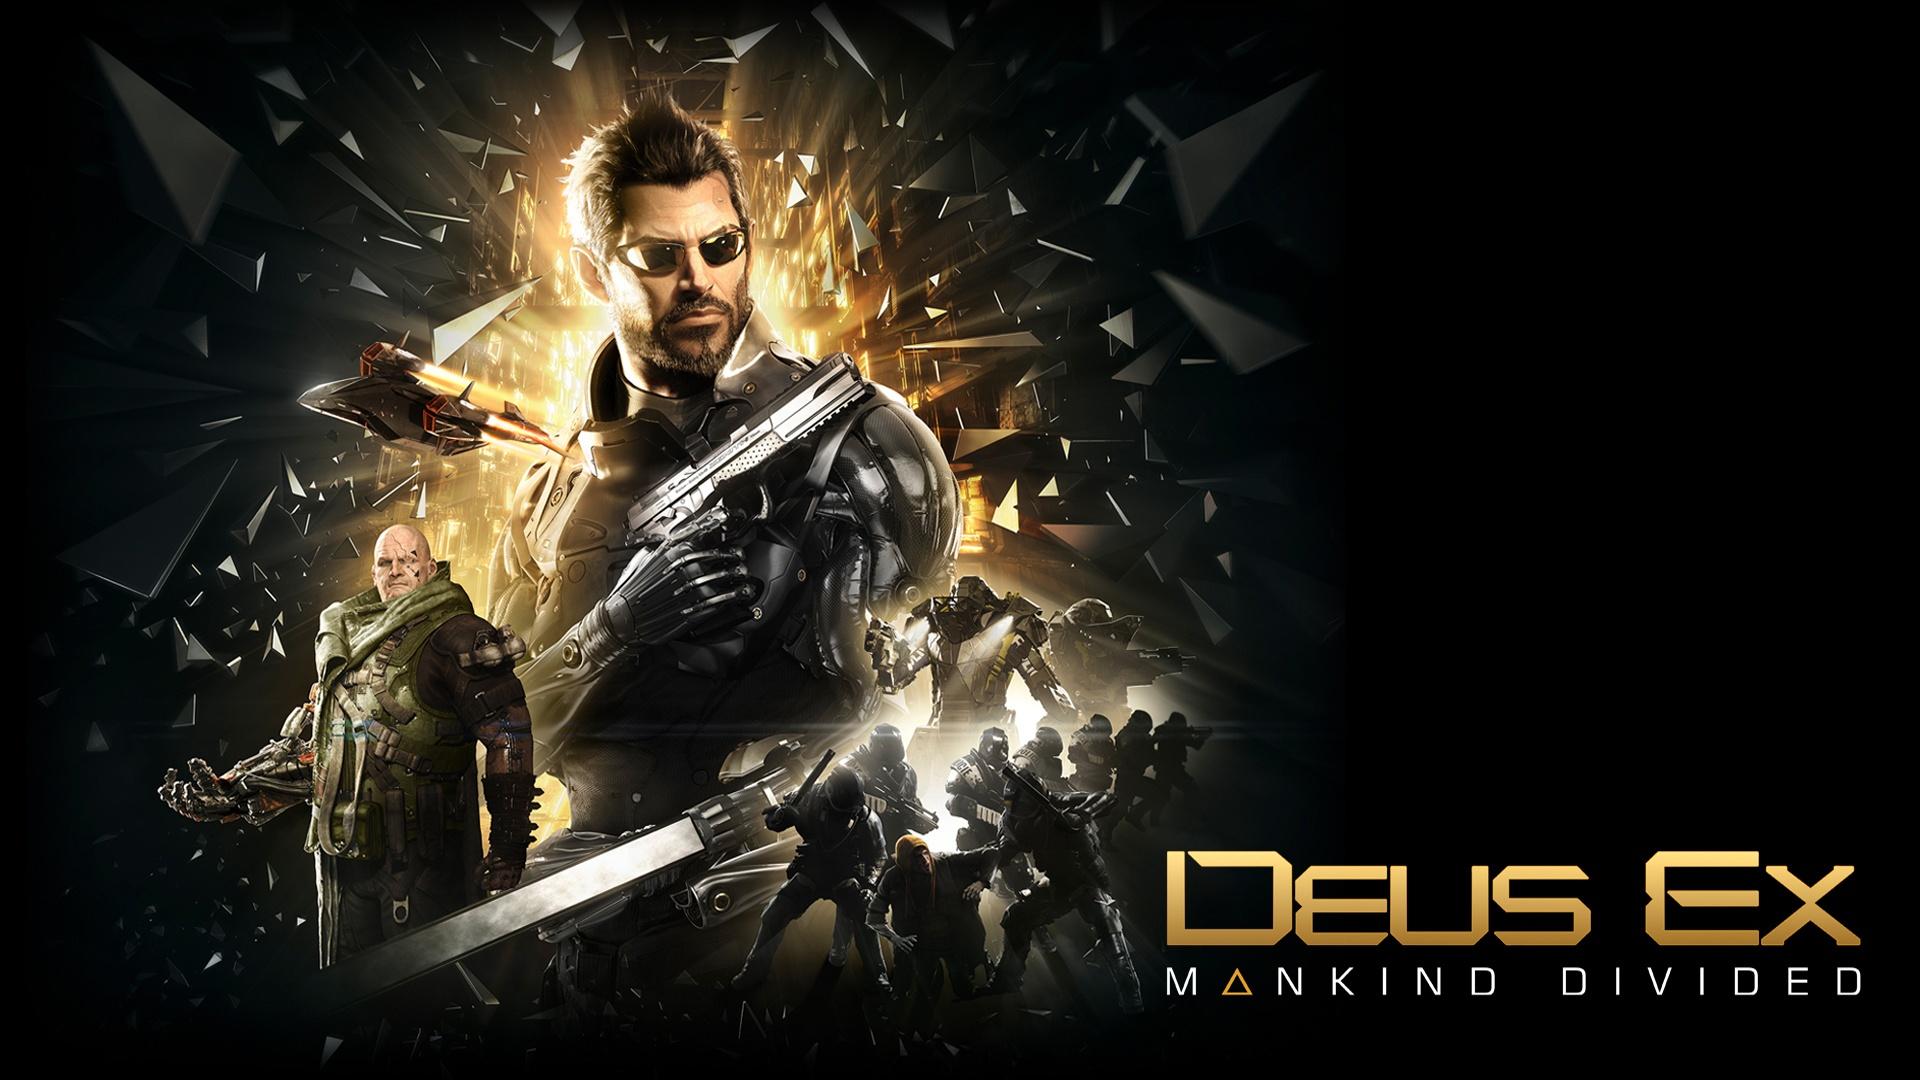 deus ex mankind divided wallpaper background 1920x1080 1920x1080